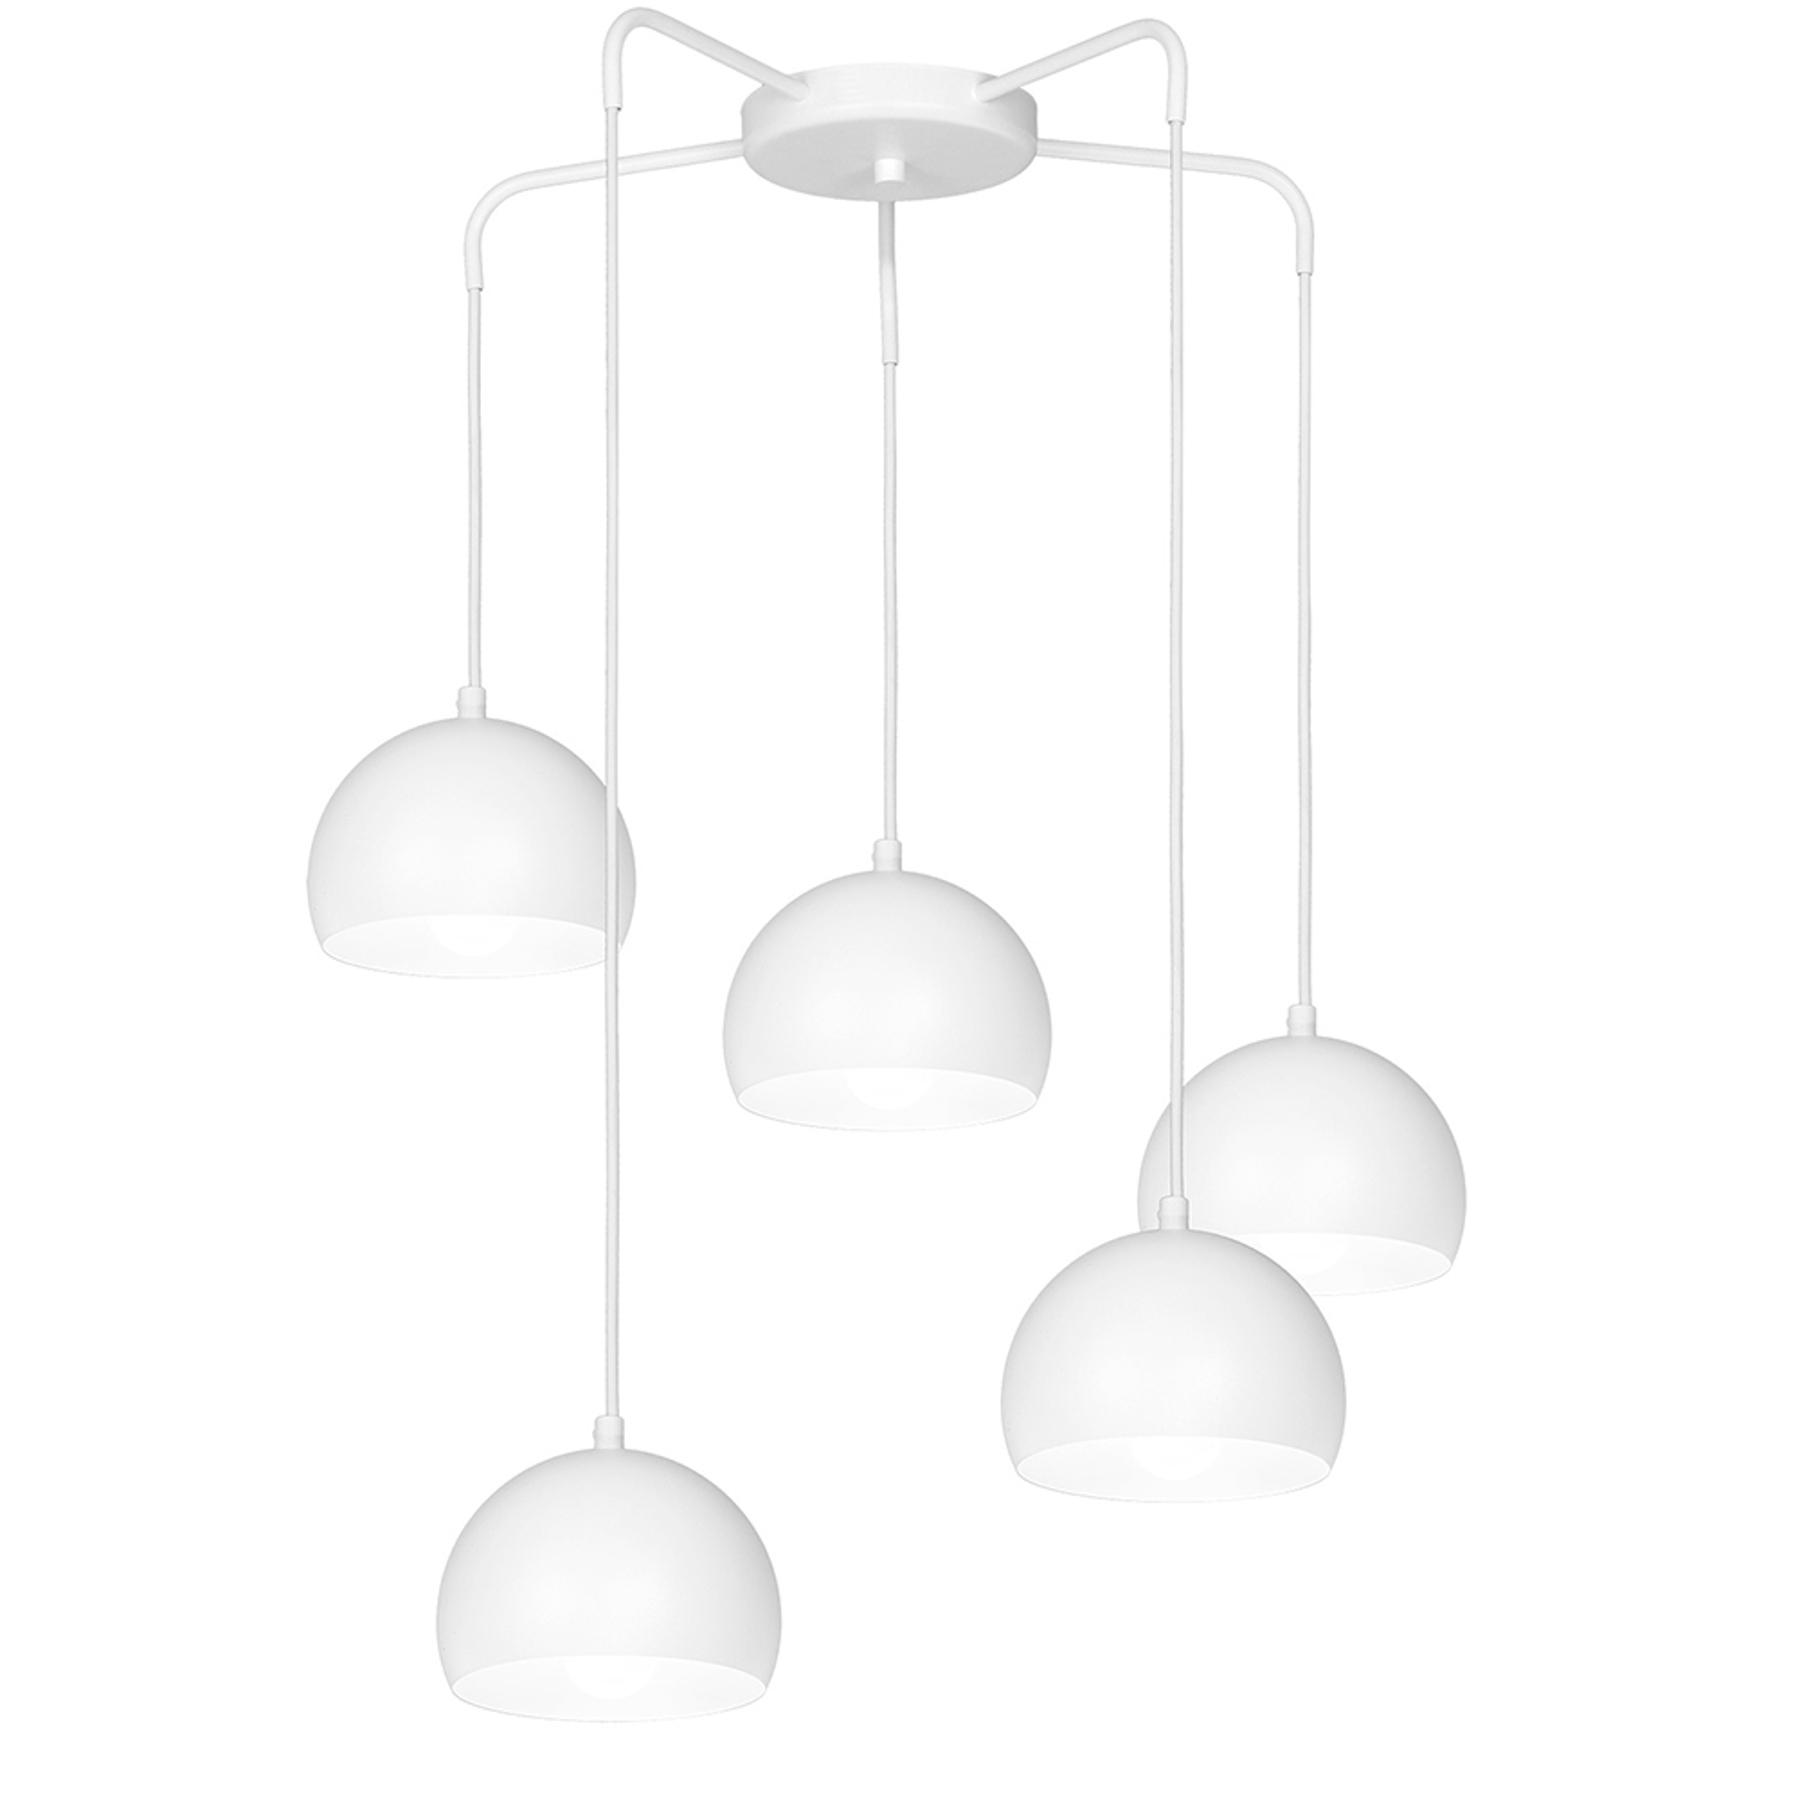 Lampa wisząca Sool, biała, 5-punktowa